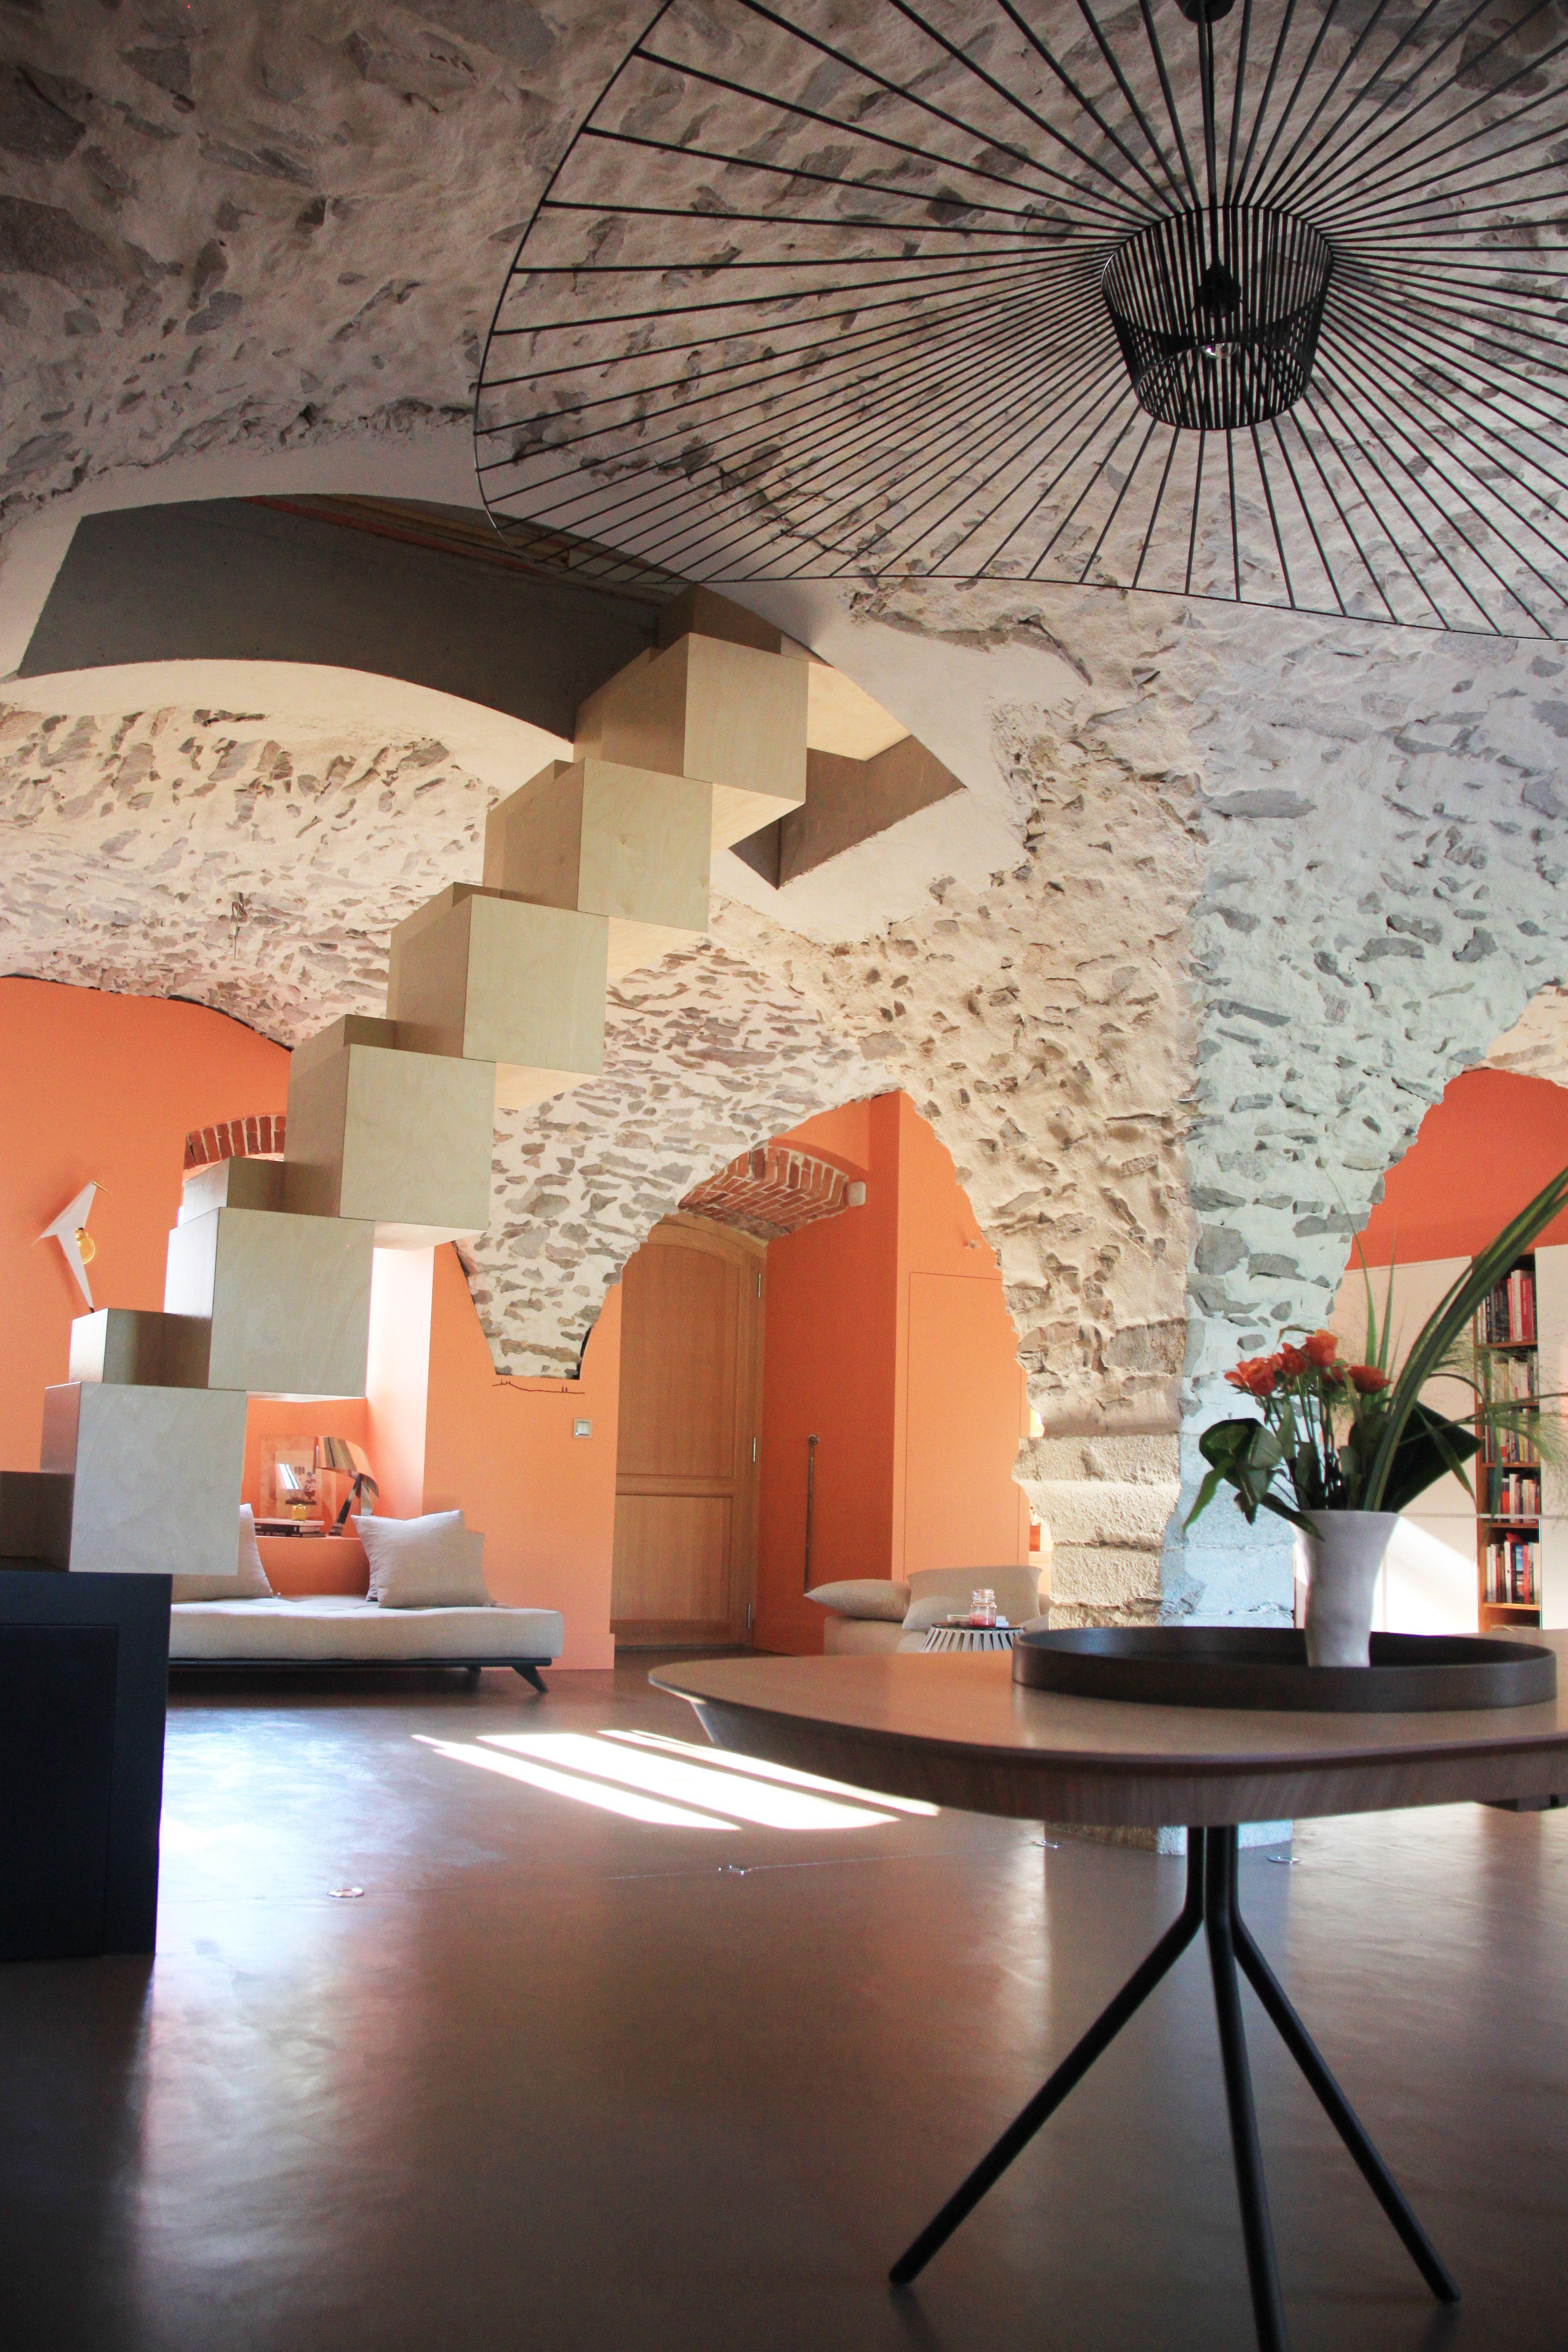 d4afc1924d0c15c58c0b2a3d37eca09b Impressionnant De Table Basse Beton Cire Schème